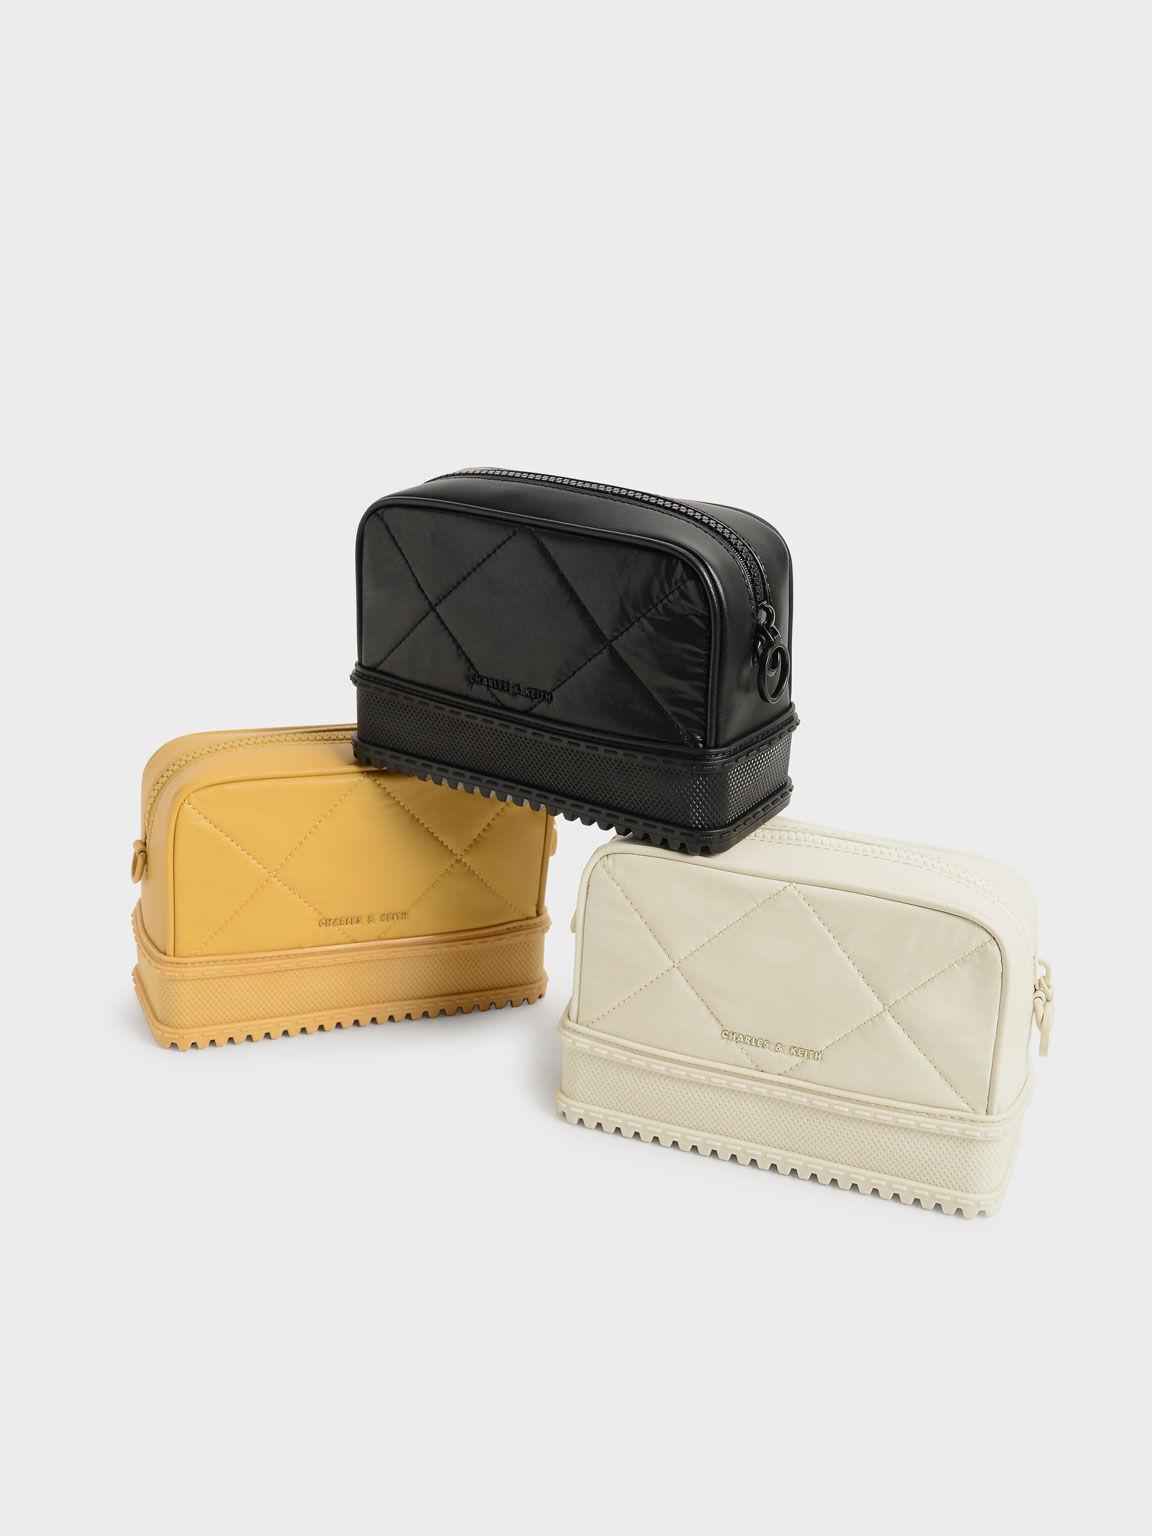 Quilted Top-Zip Crossbody Bag, Mustard, hi-res